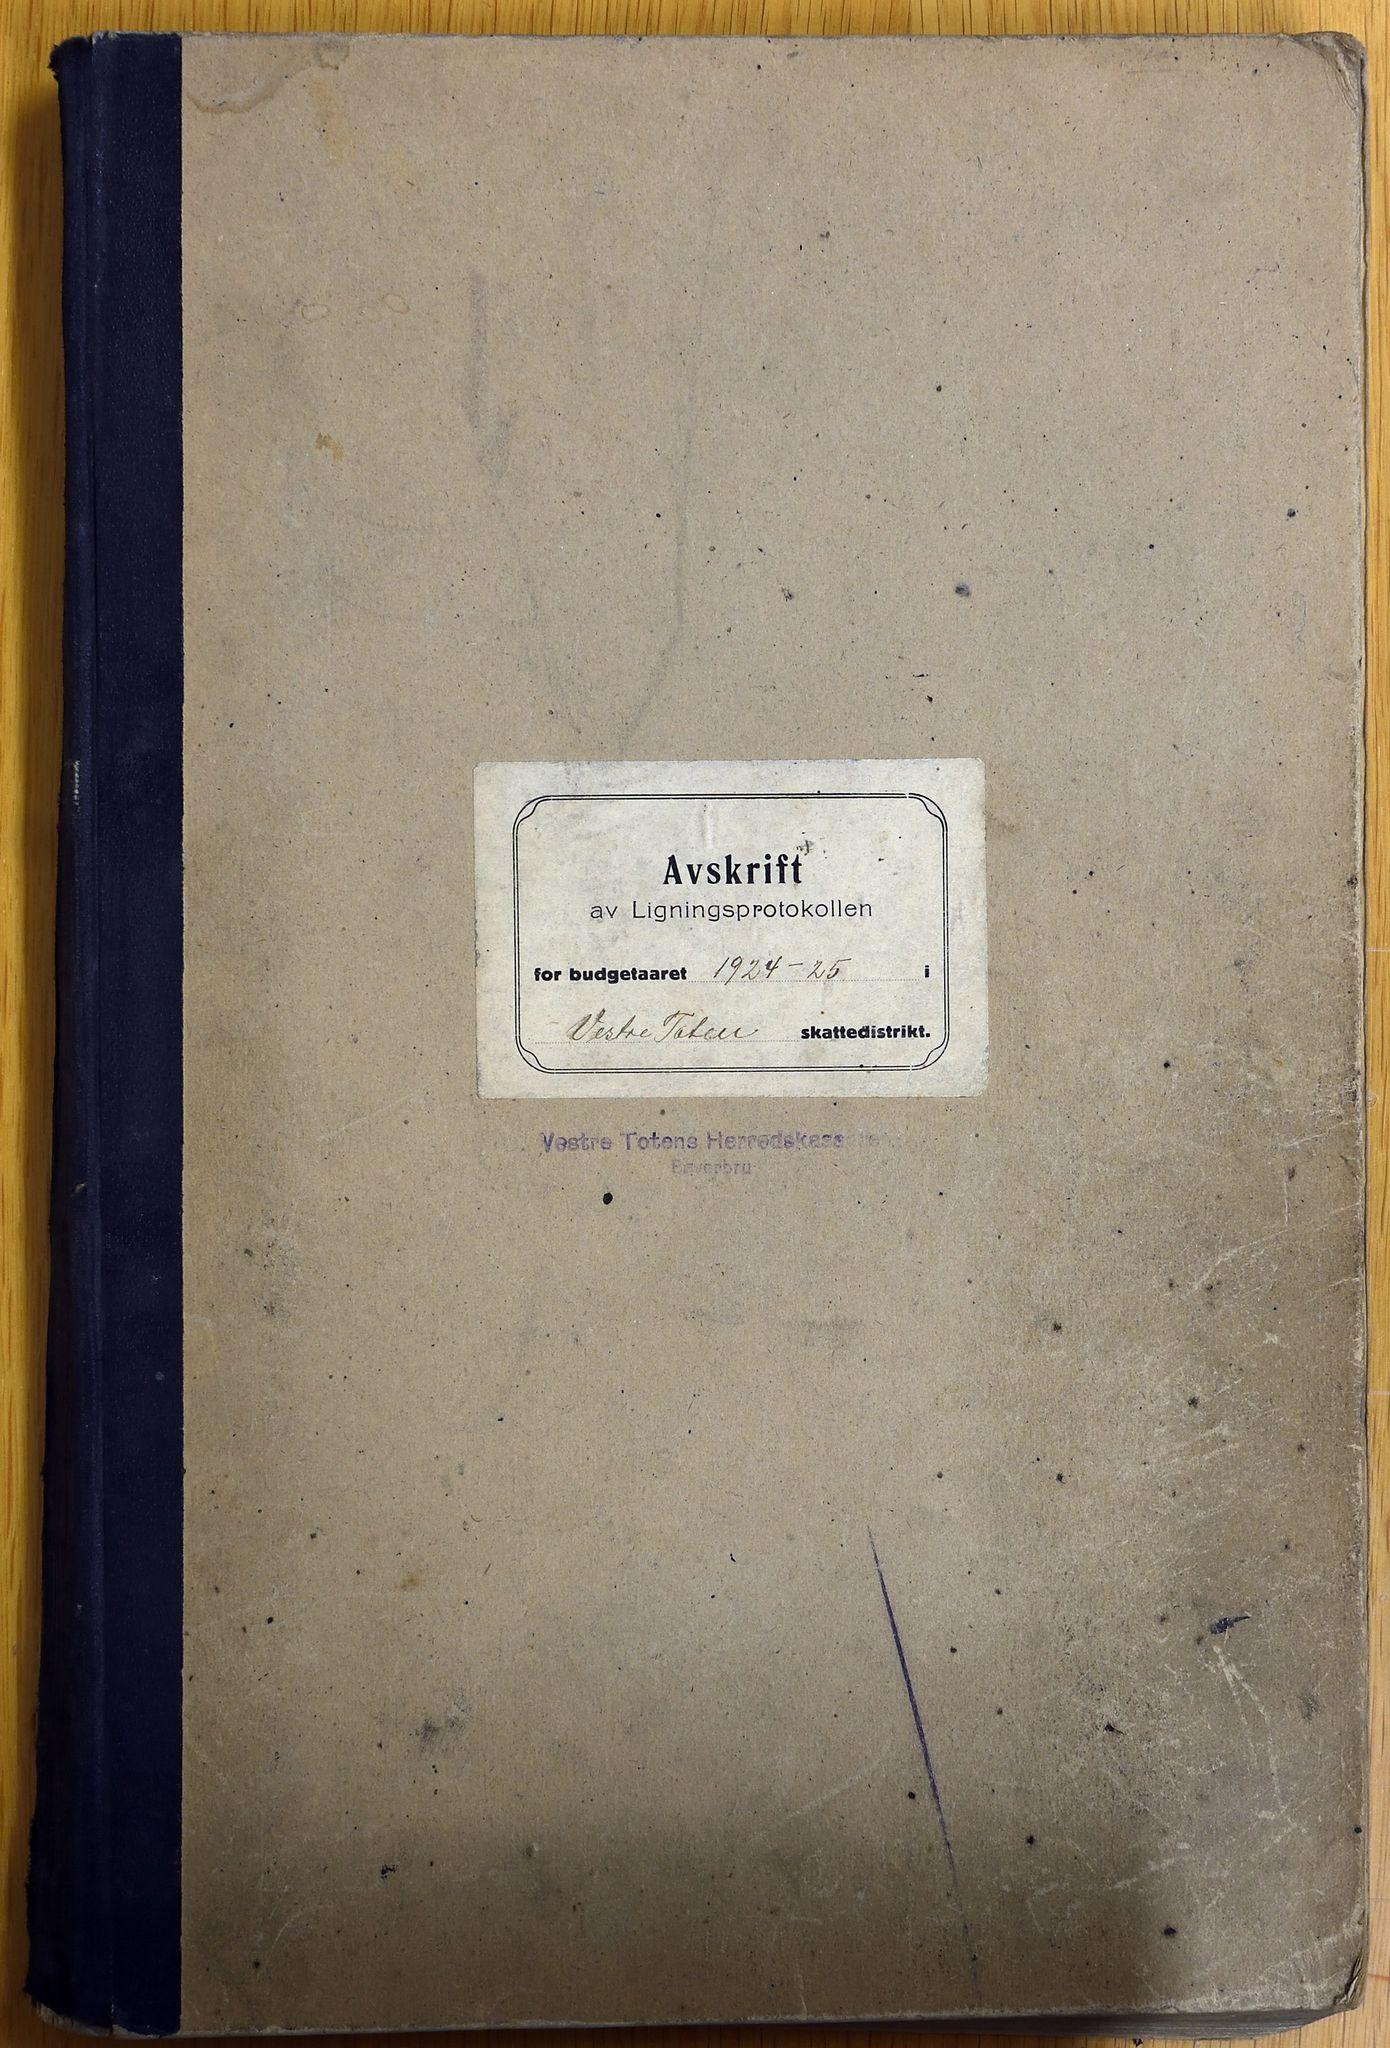 KVT, Vestre Toten Kommune - Avskrift av Ligningsprotokollen for budsjettåret 1924-1925, 1924-1925